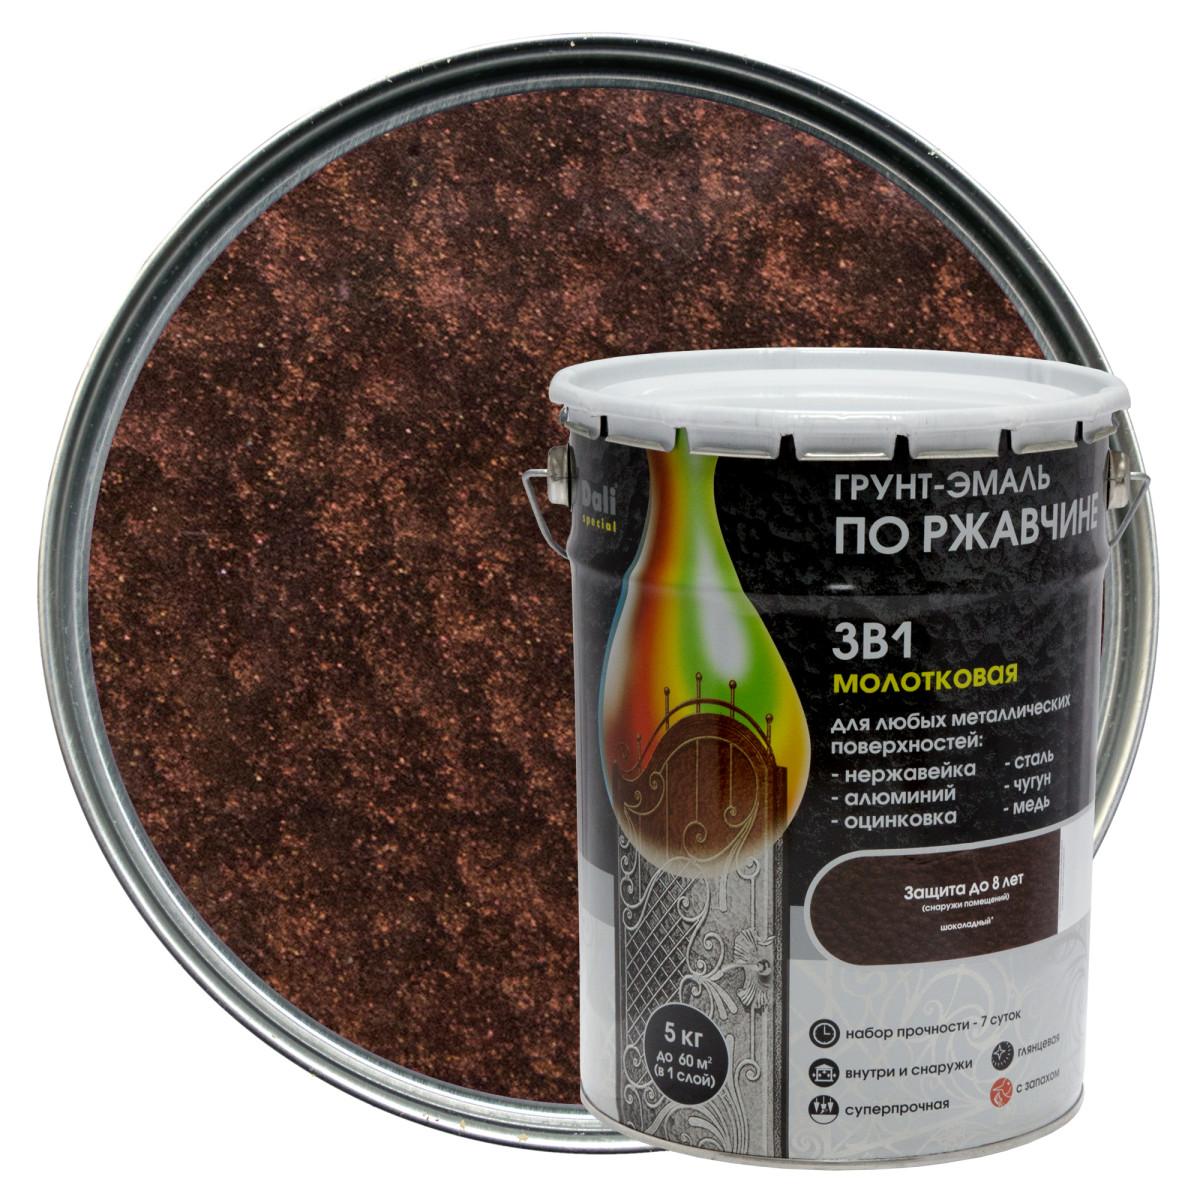 Грунт эмаль по ржавчине 3 в 1 гладкая Dali Special молотковая цвет шоколадный 5 кг